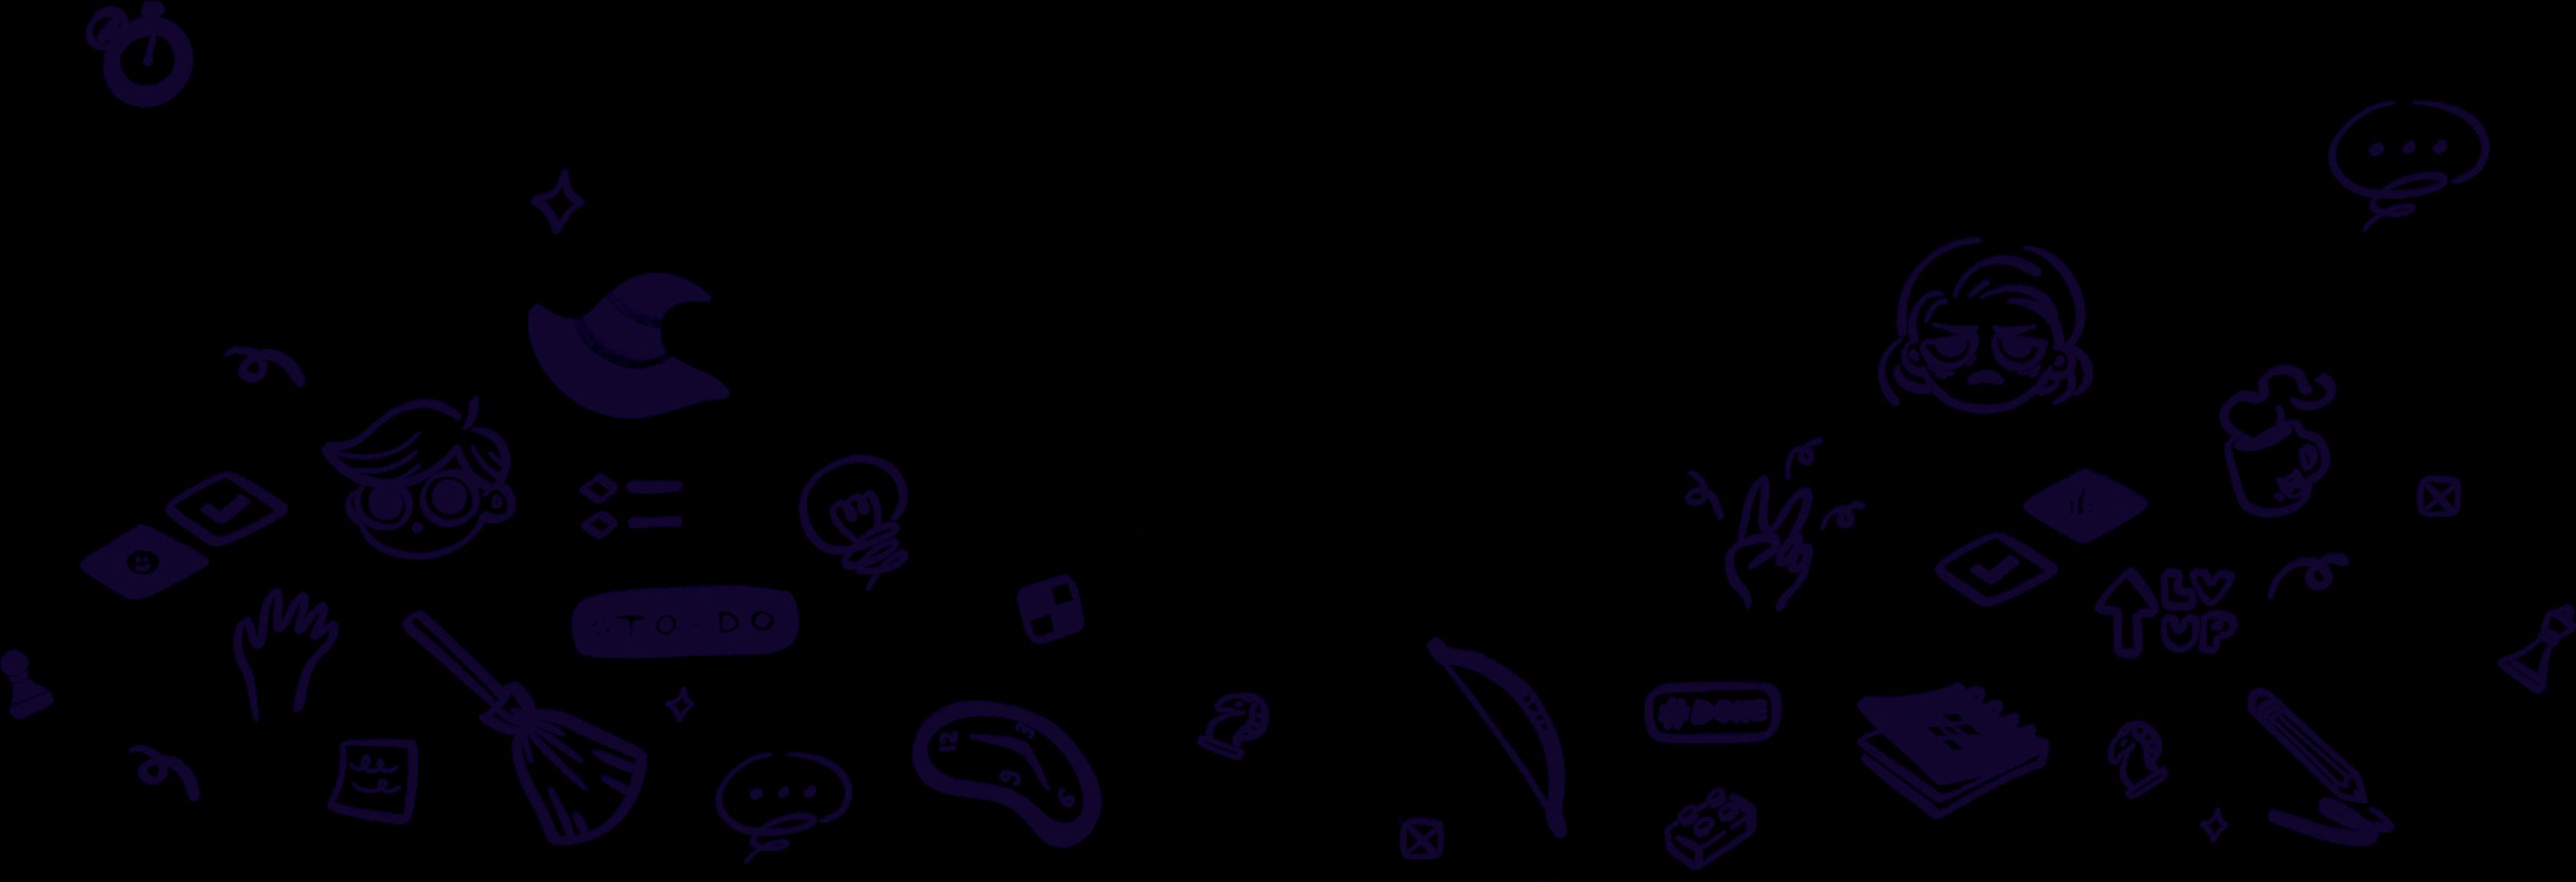 Zelos illustration